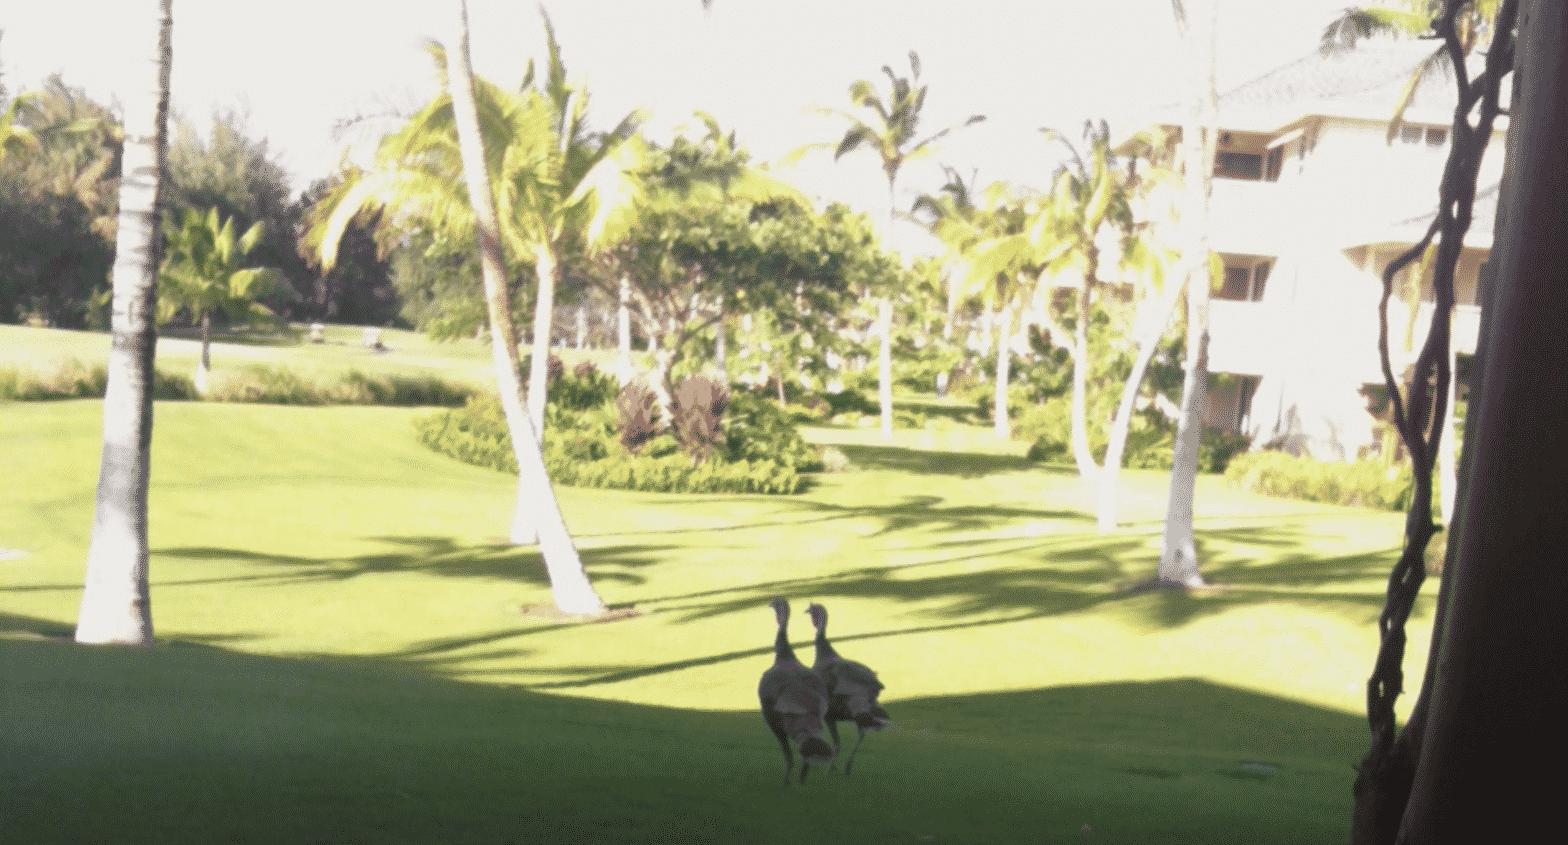 Wild Turkeys on the Big Island of Hawaii?